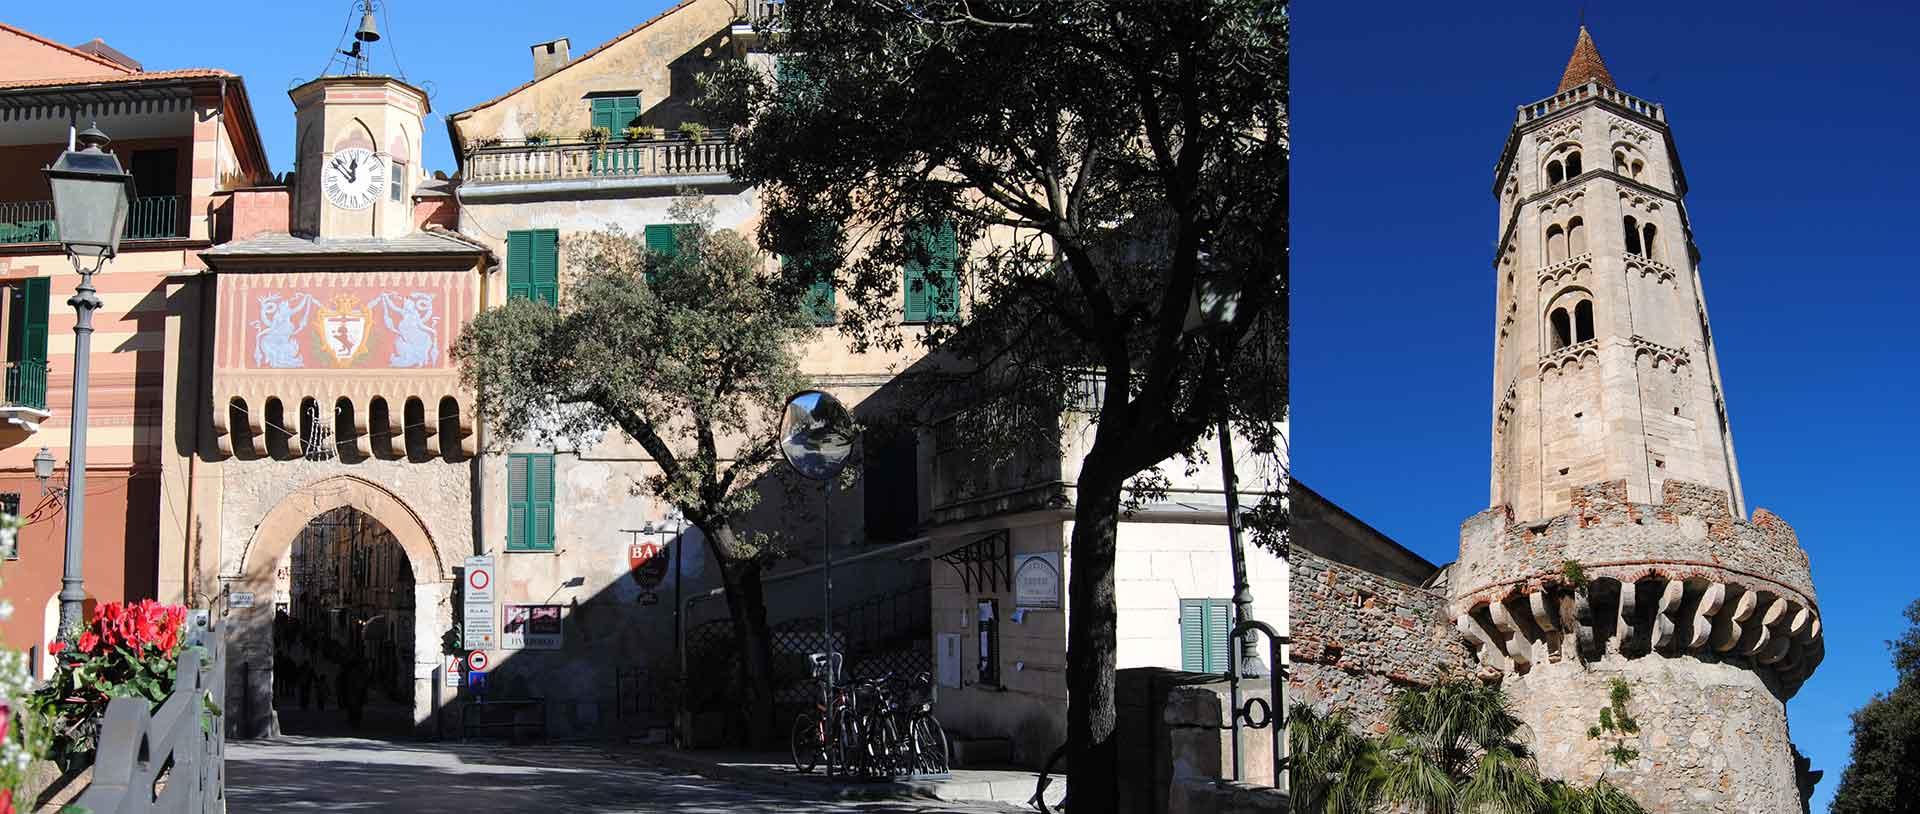 Bb Letti A Castello Finale Ligure.Homepage Residence Ca Di Ni Finalborgo Finale Ligure